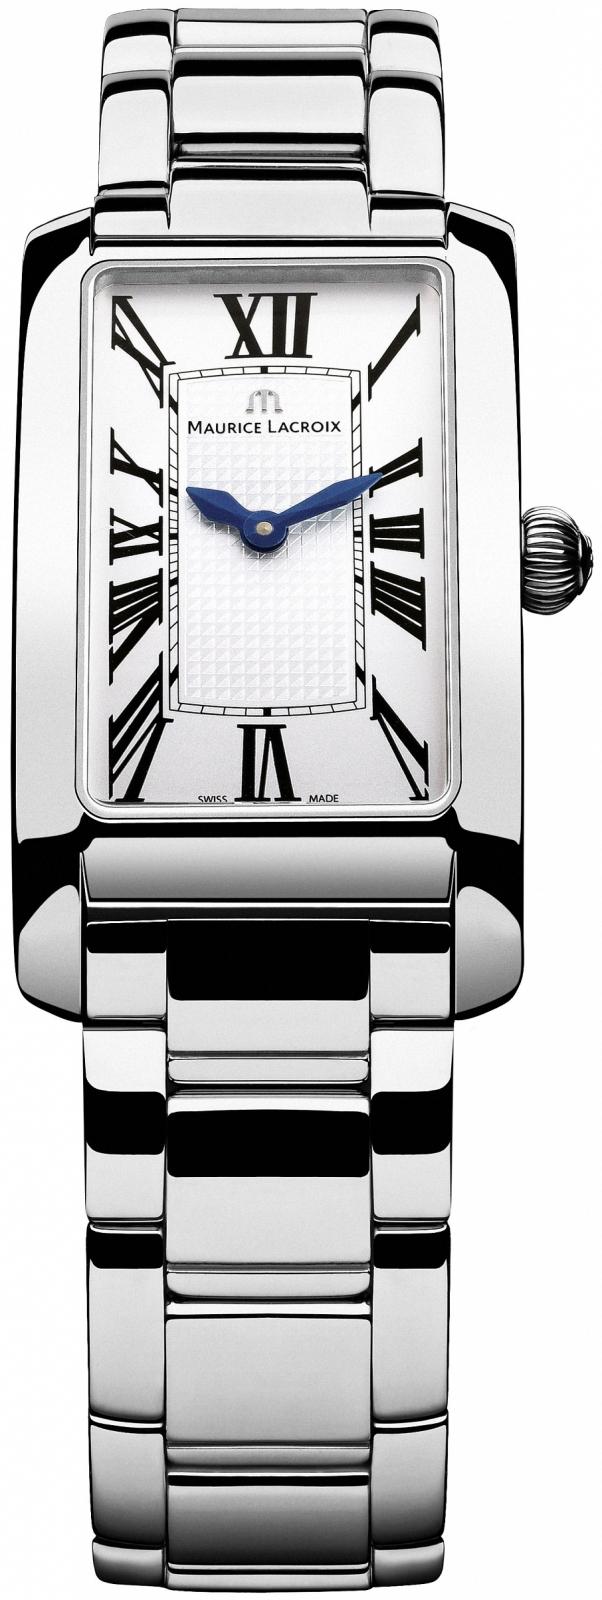 Maurice Lacroix Fiaba FA2164-SS002-115Наручные часы<br>Швейцарские часы Maurice Lacroix Fiaba FA2164-SS002-115<br><br>Для кого?: Женские<br>Страна-производитель: Швейцария<br>Механизм: Кварцевый<br>Материал корпуса: Сталь<br>Материал ремня/браслета: Сталь<br>Водозащита, диапазон: 20 - 100 м<br>Стекло: Сапфировое<br>Толщина корпуса: 8 мм<br>Стиль: Мода